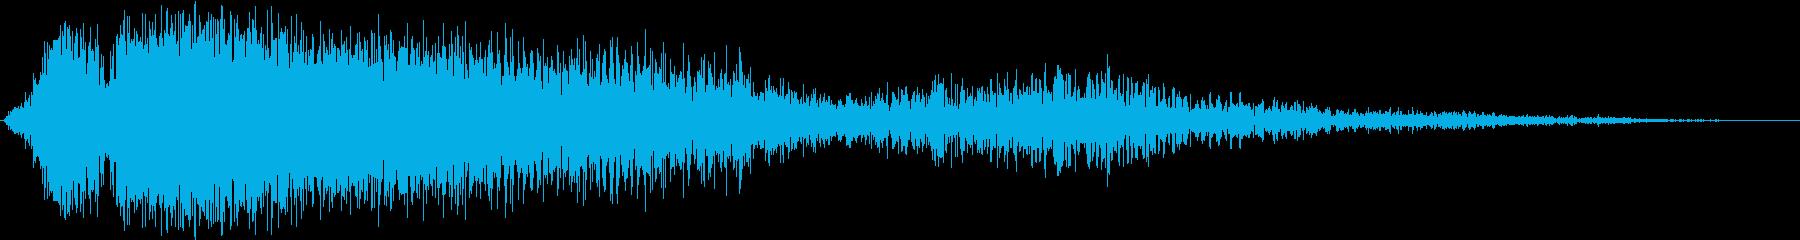 【映画】 トレーラーヒット_32 破壊の再生済みの波形